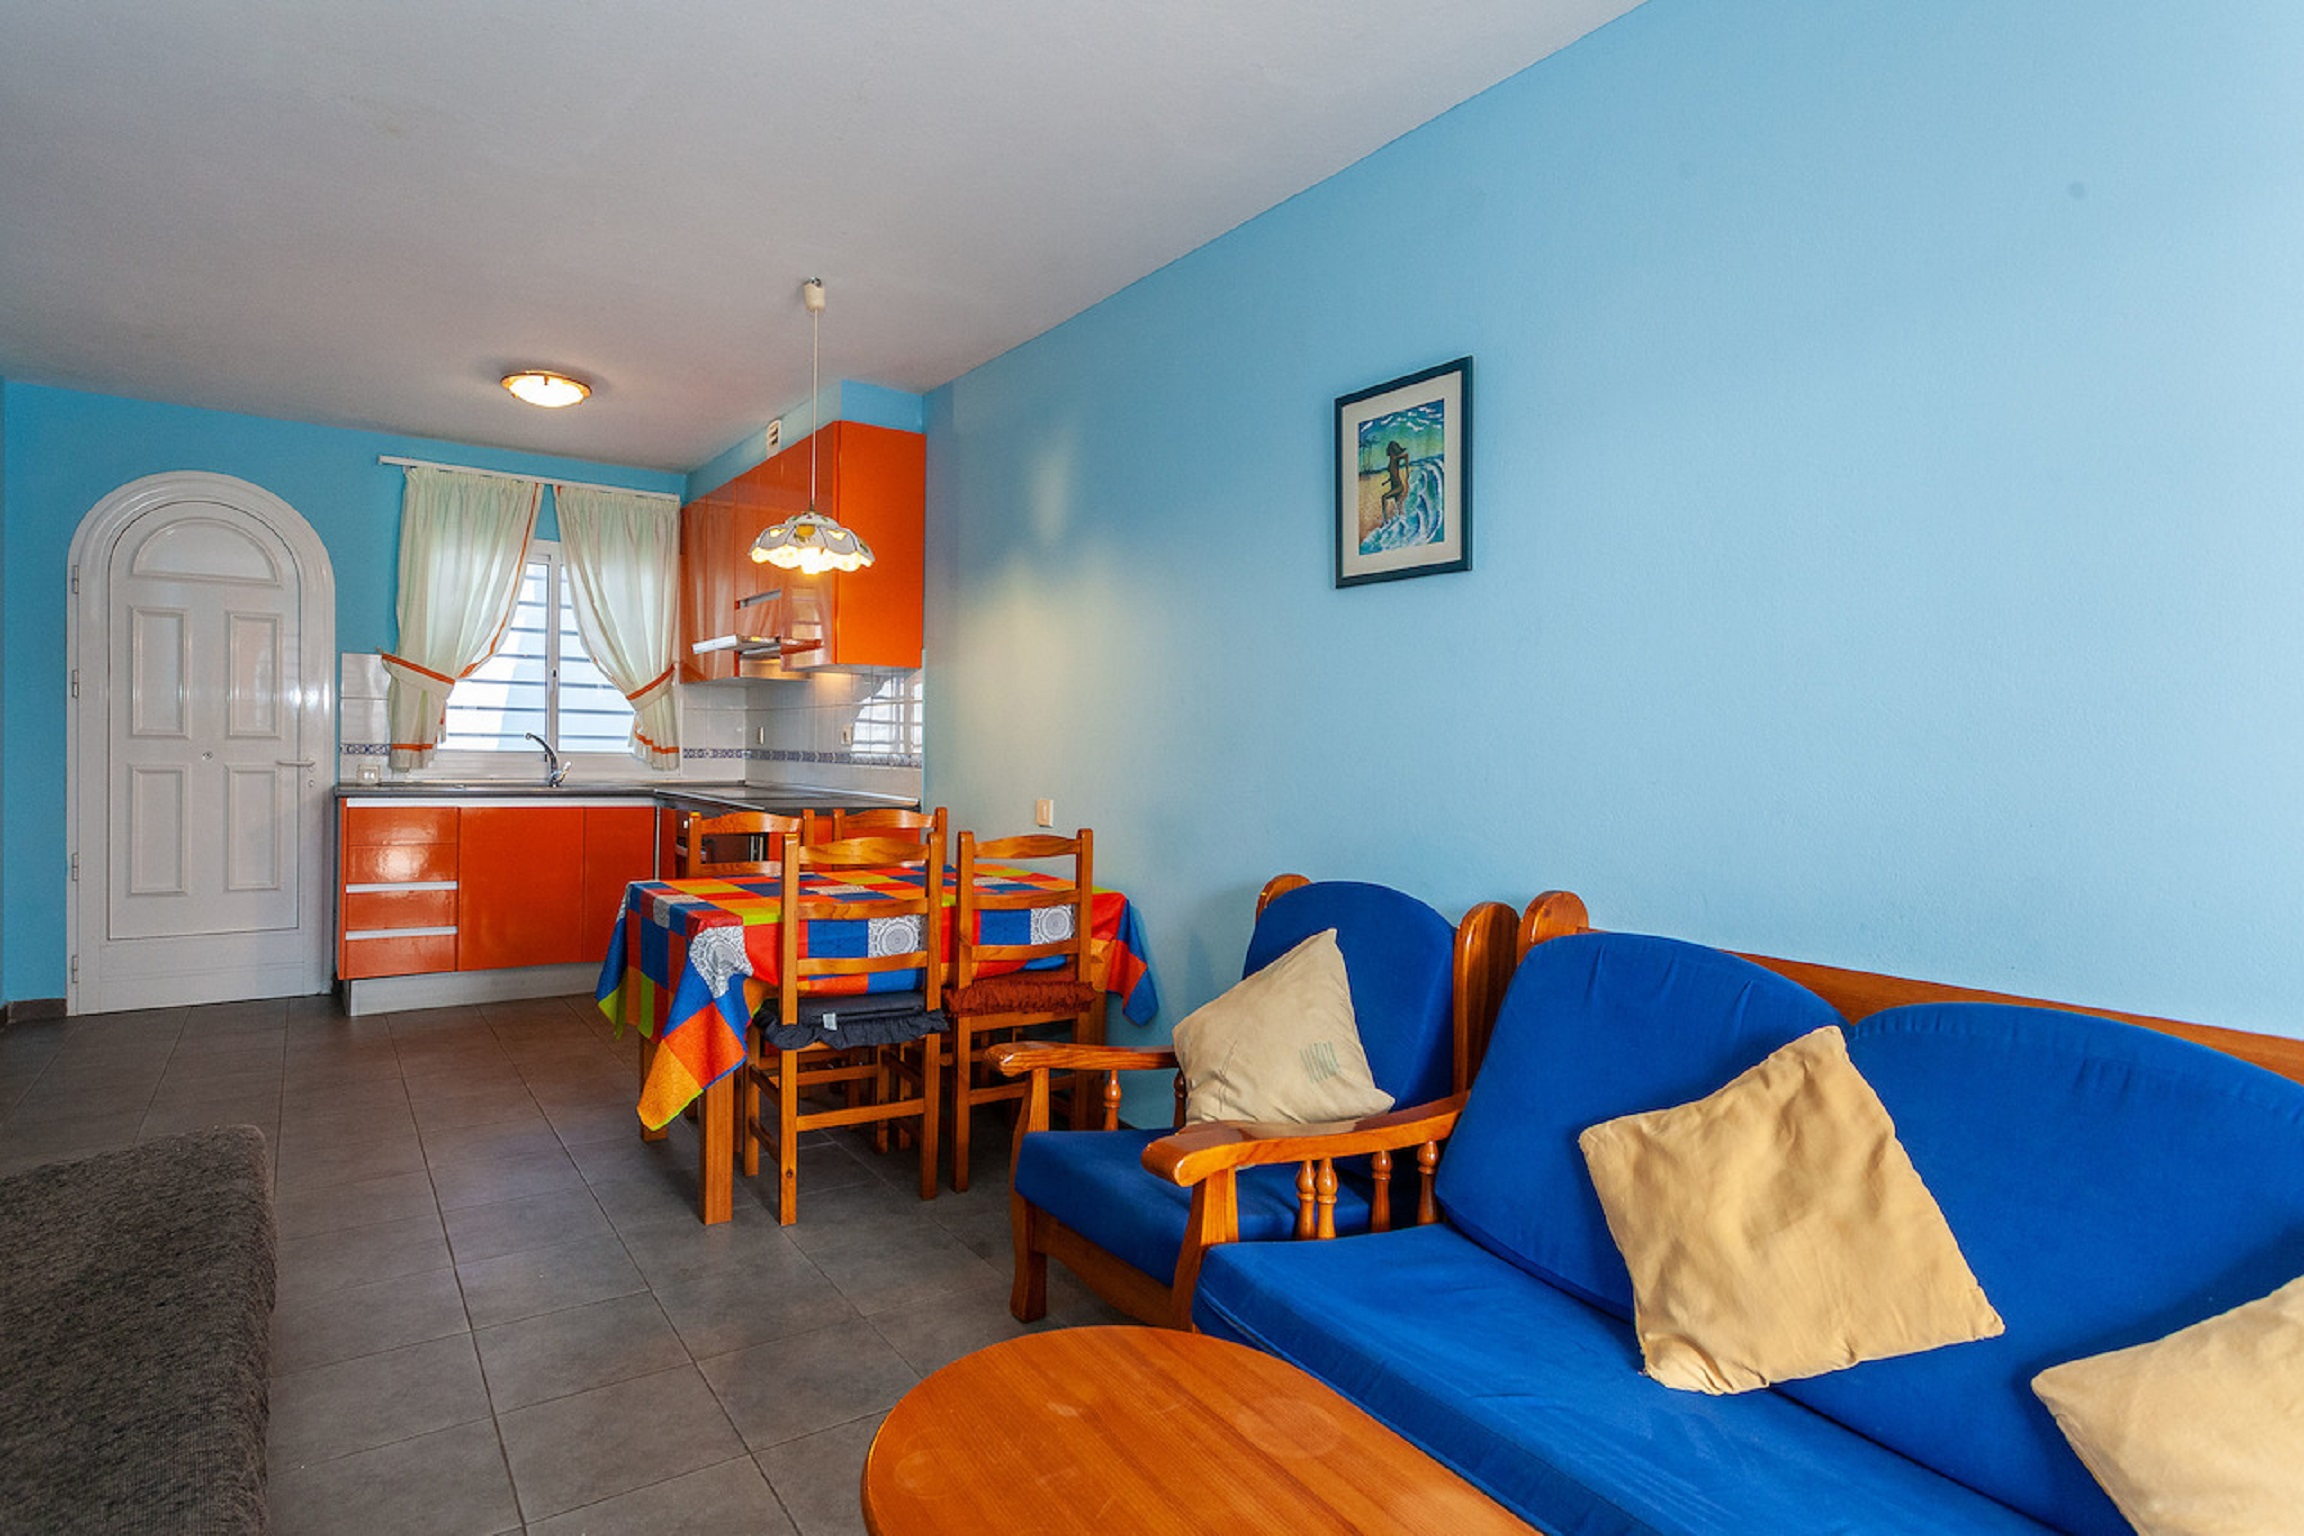 Ferienwohnung Apartment in Strandnhe mit groer Terrasse, Wlan und Parkplatz (2628896), Costa Calma, Fuerteventura, Kanarische Inseln, Spanien, Bild 4